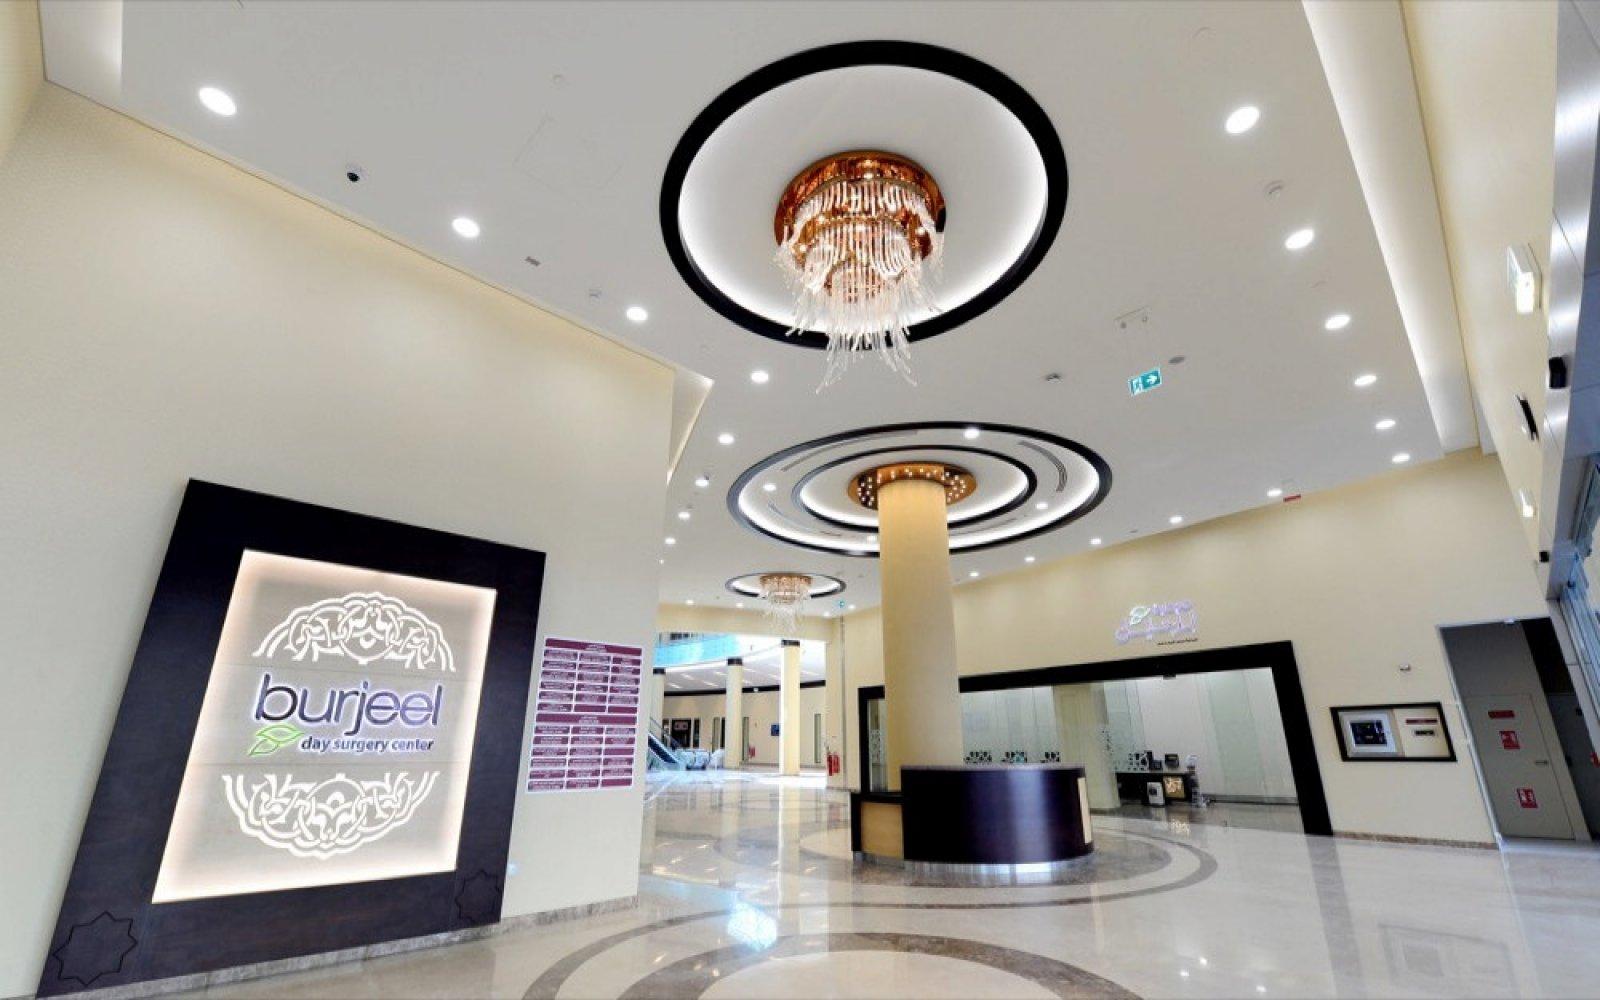 Burjeel Day Surgery Center, Abu Dhabi, U.A.E.